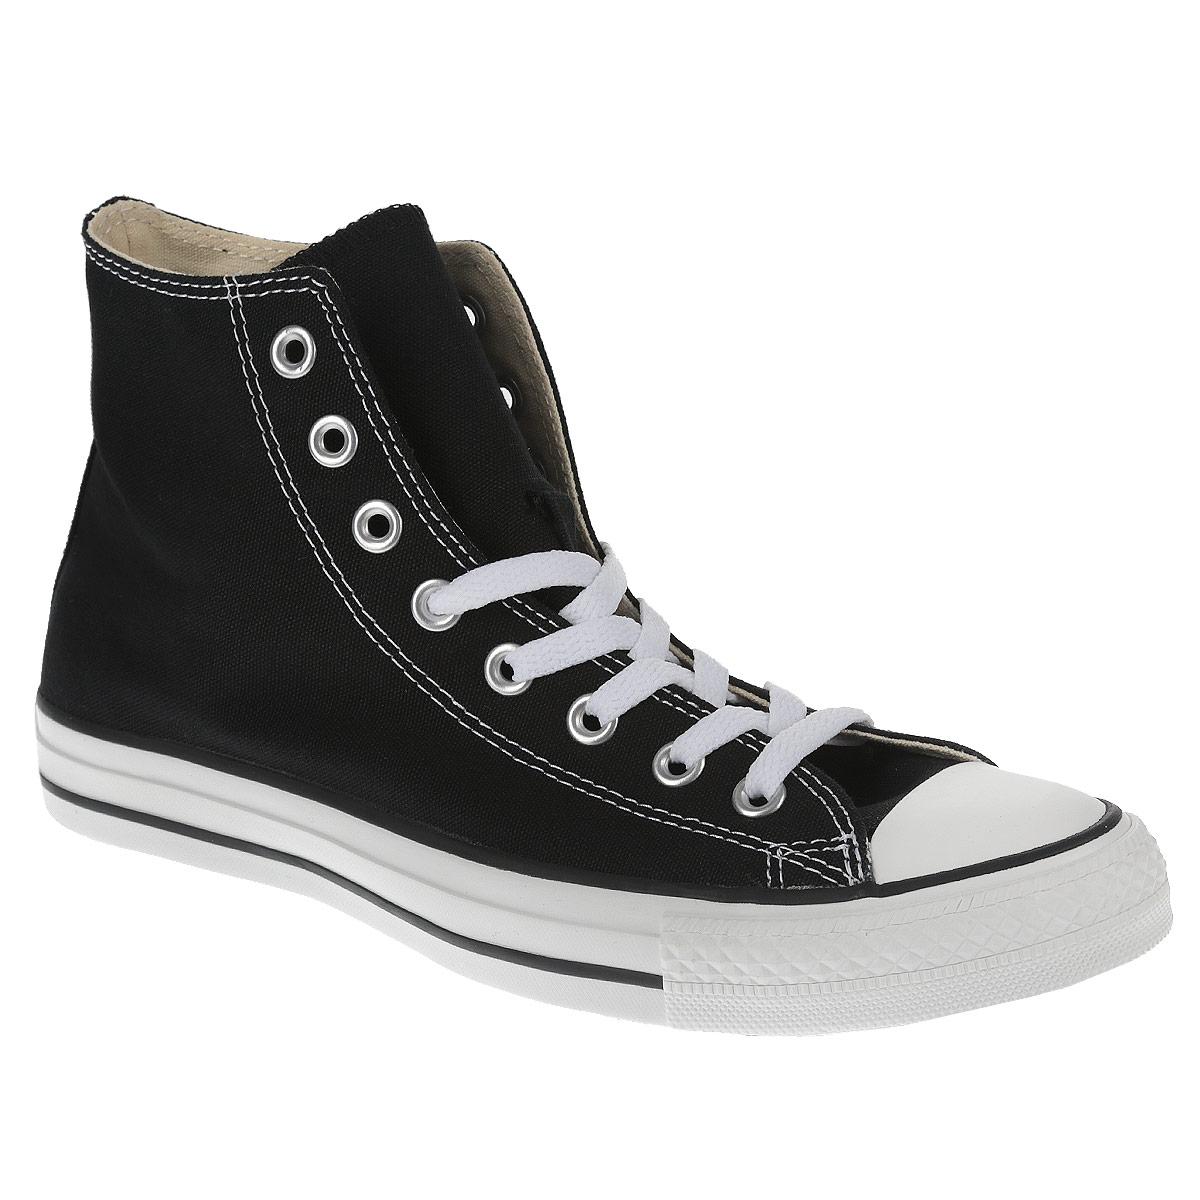 Кеды Chuck Taylor All Star Core HiM7650Высокие кеды Chuck Taylor All Star Core Hi от Converse займут достойное место среди вашей обуви. Модель выполнена из плотного текстиля и оформлена на одной из боковых сторон металлическими люверсами и фирменной термоаппликацией, на подошве - прорезиненной накладкой и контрастными полосками. Мыс изделия дополнен классической для кед прорезиненной вставкой. Классическая шнуровка обеспечивает надежную фиксацию обуви на ноге. Стелька из материала EVA с текстильной поверхностью комфортна при движении. Гибкая резиновая подошва с рифлением гарантирует идеальное сцепление с любыми поверхностями. В таких кедах вашим ногам будет комфортно и уютно.